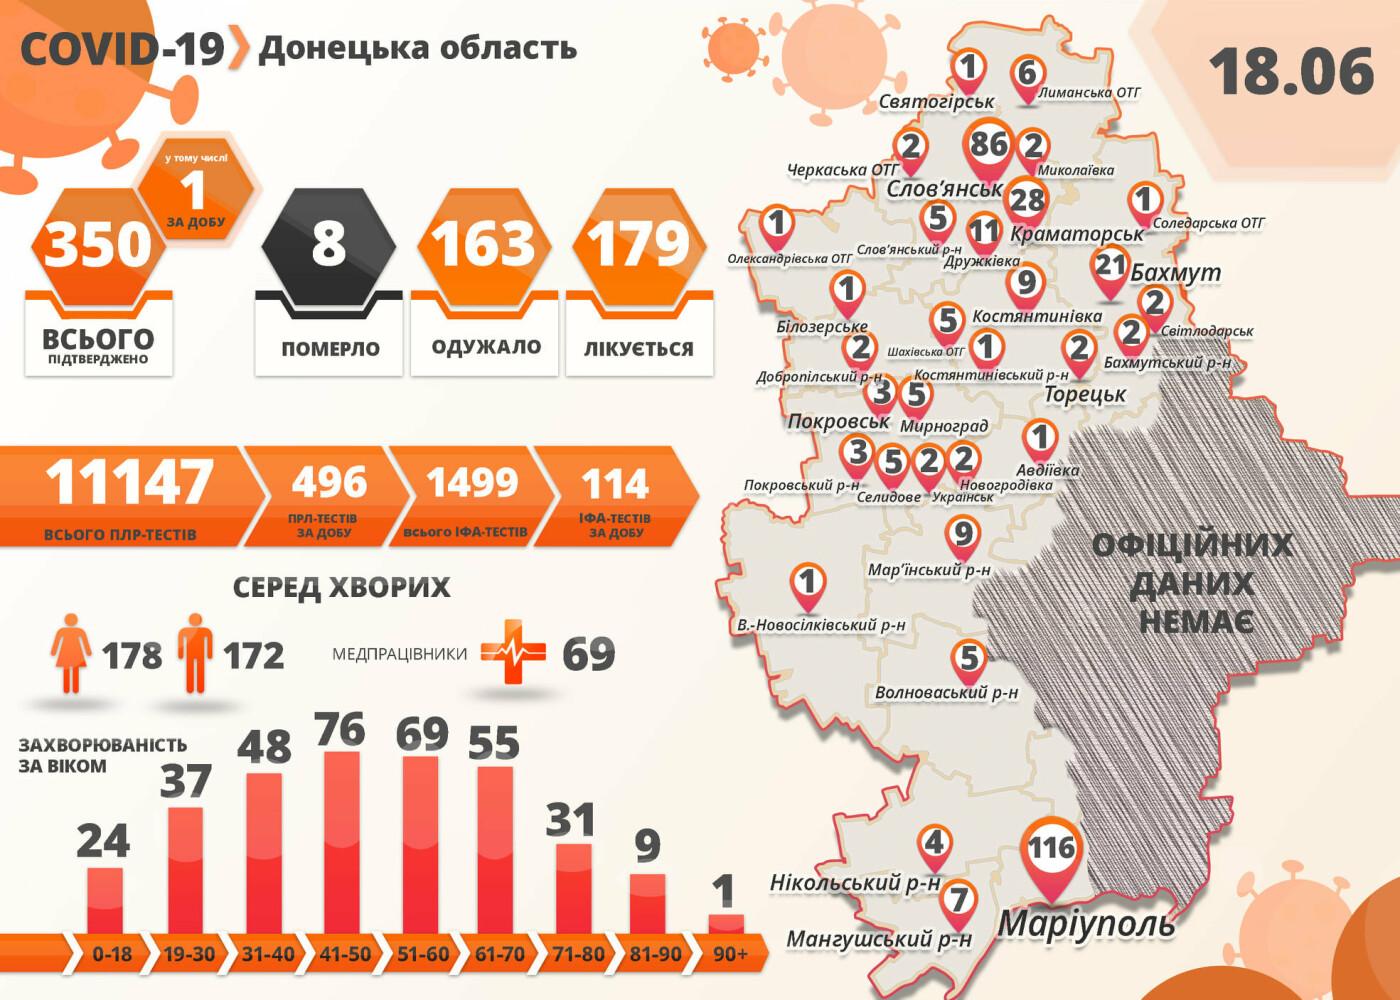 В Донецкой области только один случай коронавируса за сутки — больной приехал из России, фото-1